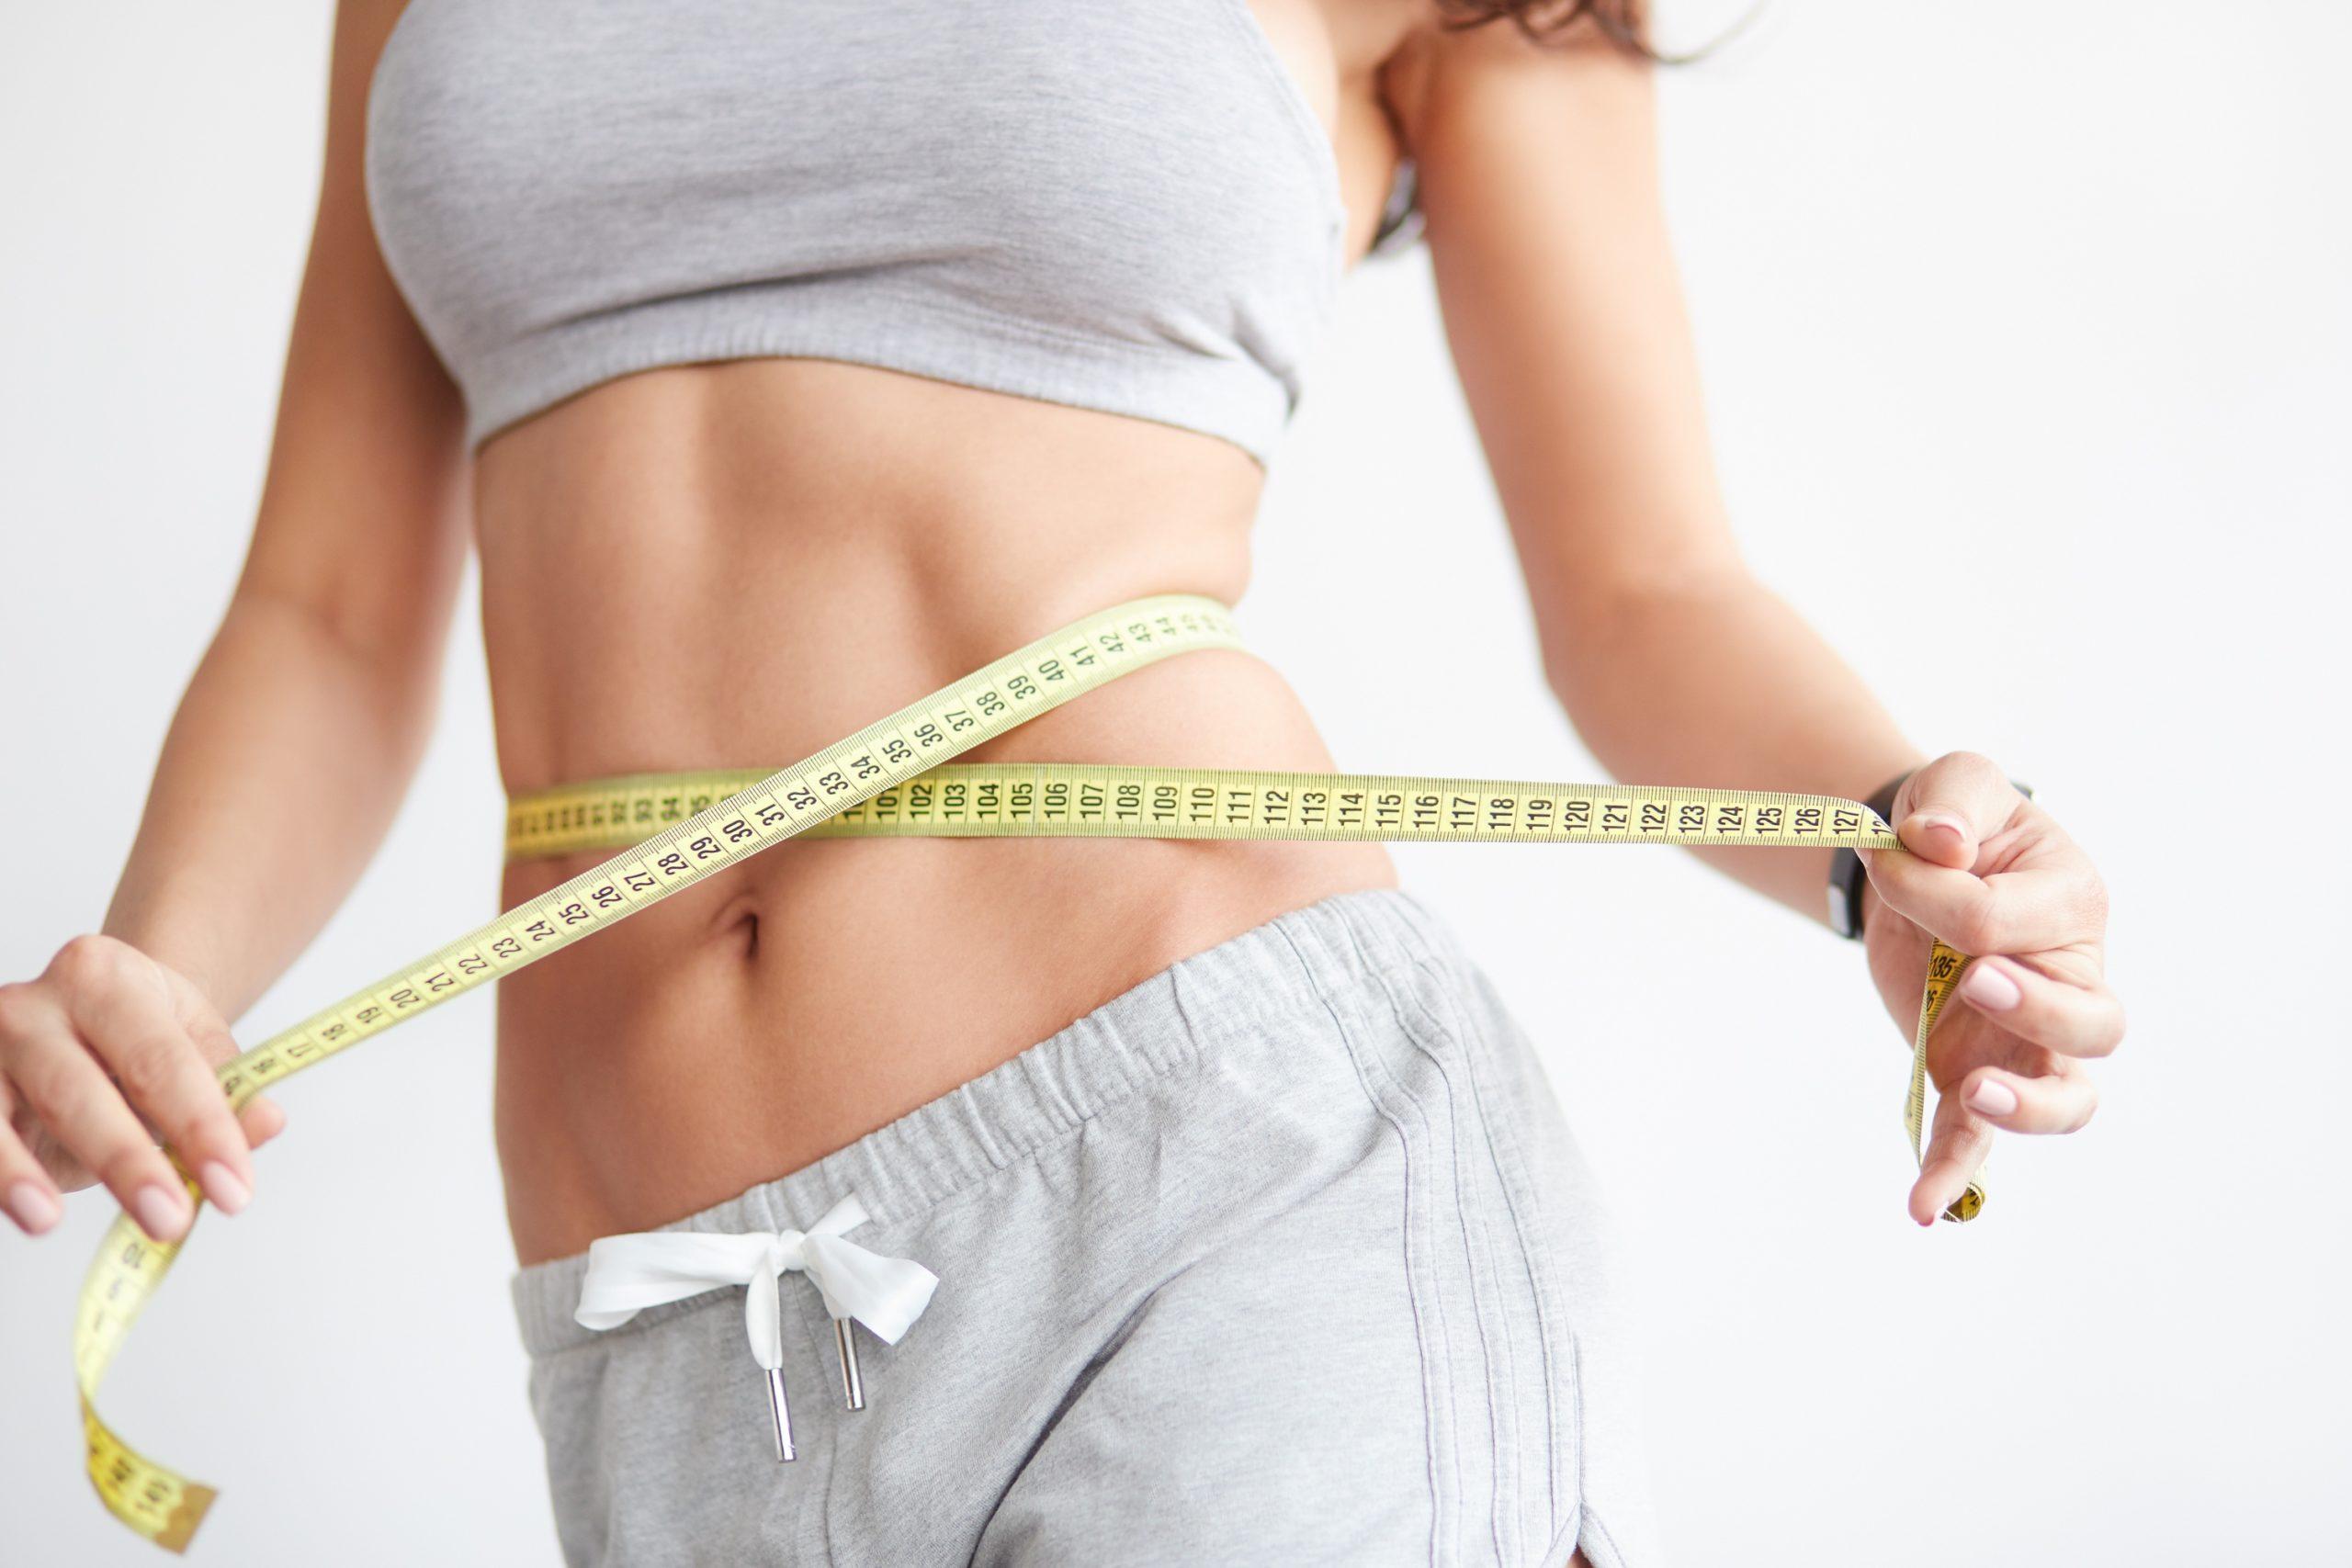 Как действуют заговоры на похудение ?